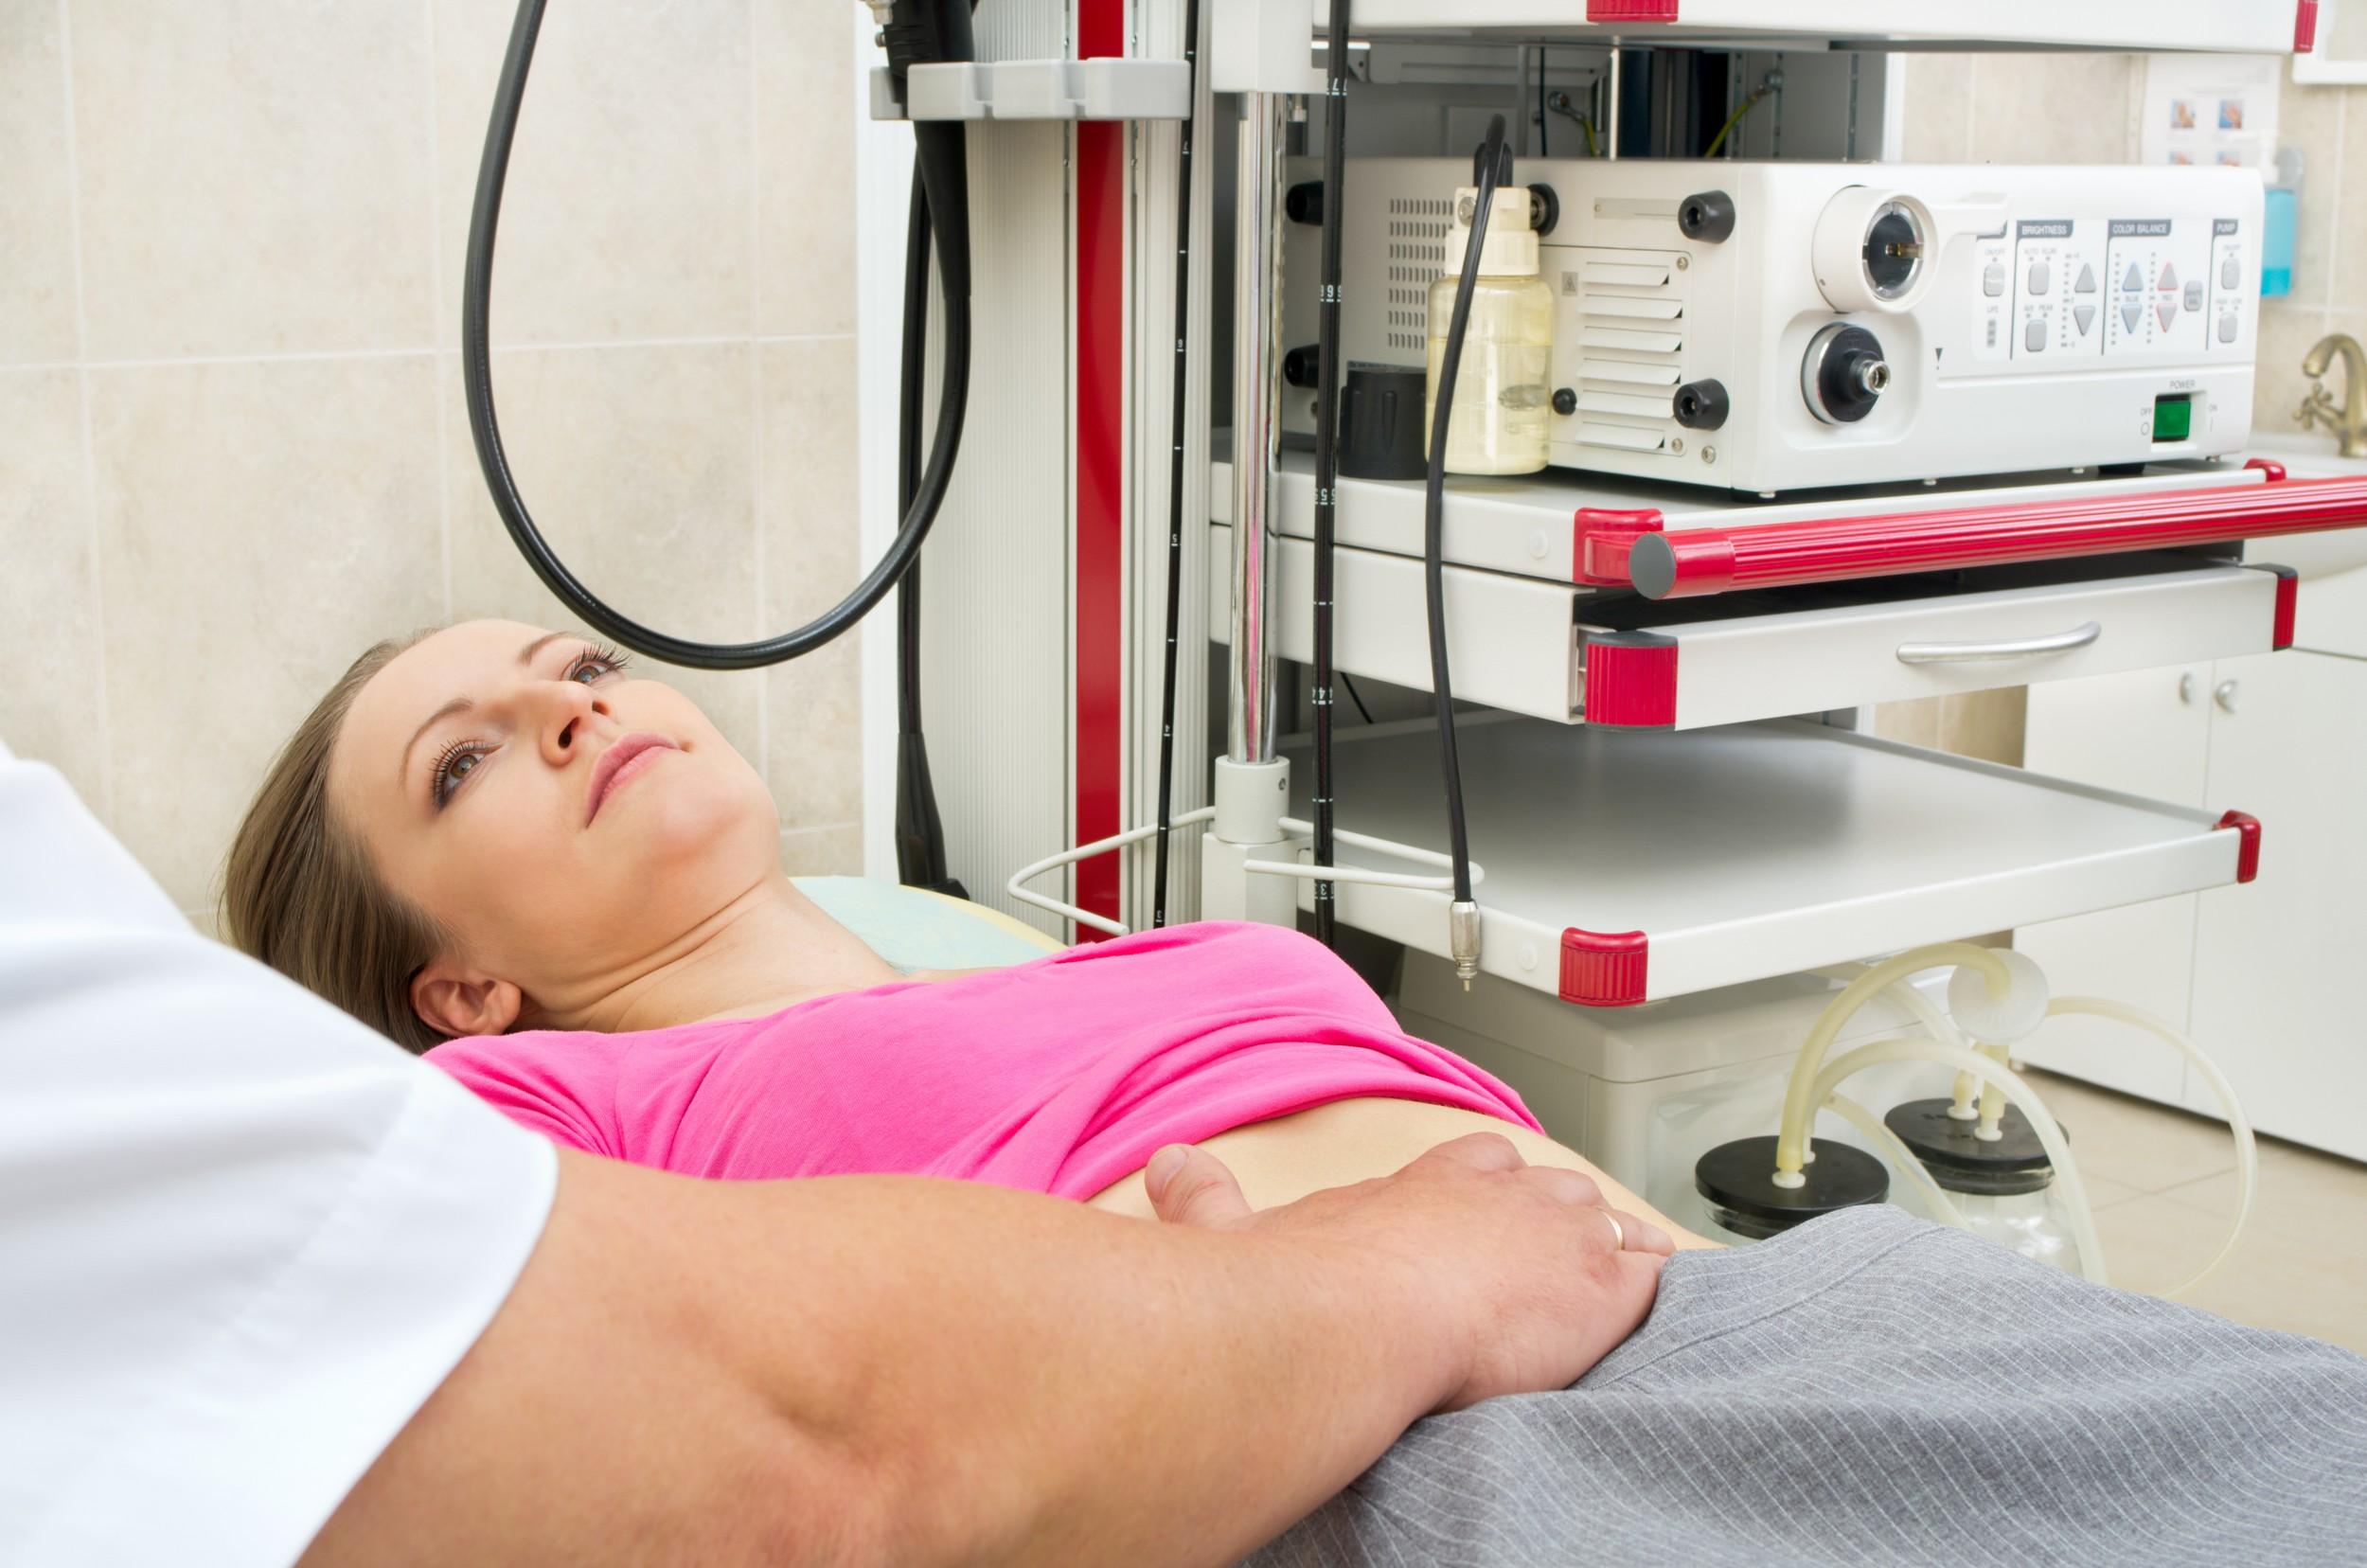 Есть ли альтернатива гастроскопии — как проверить желудок без зонда